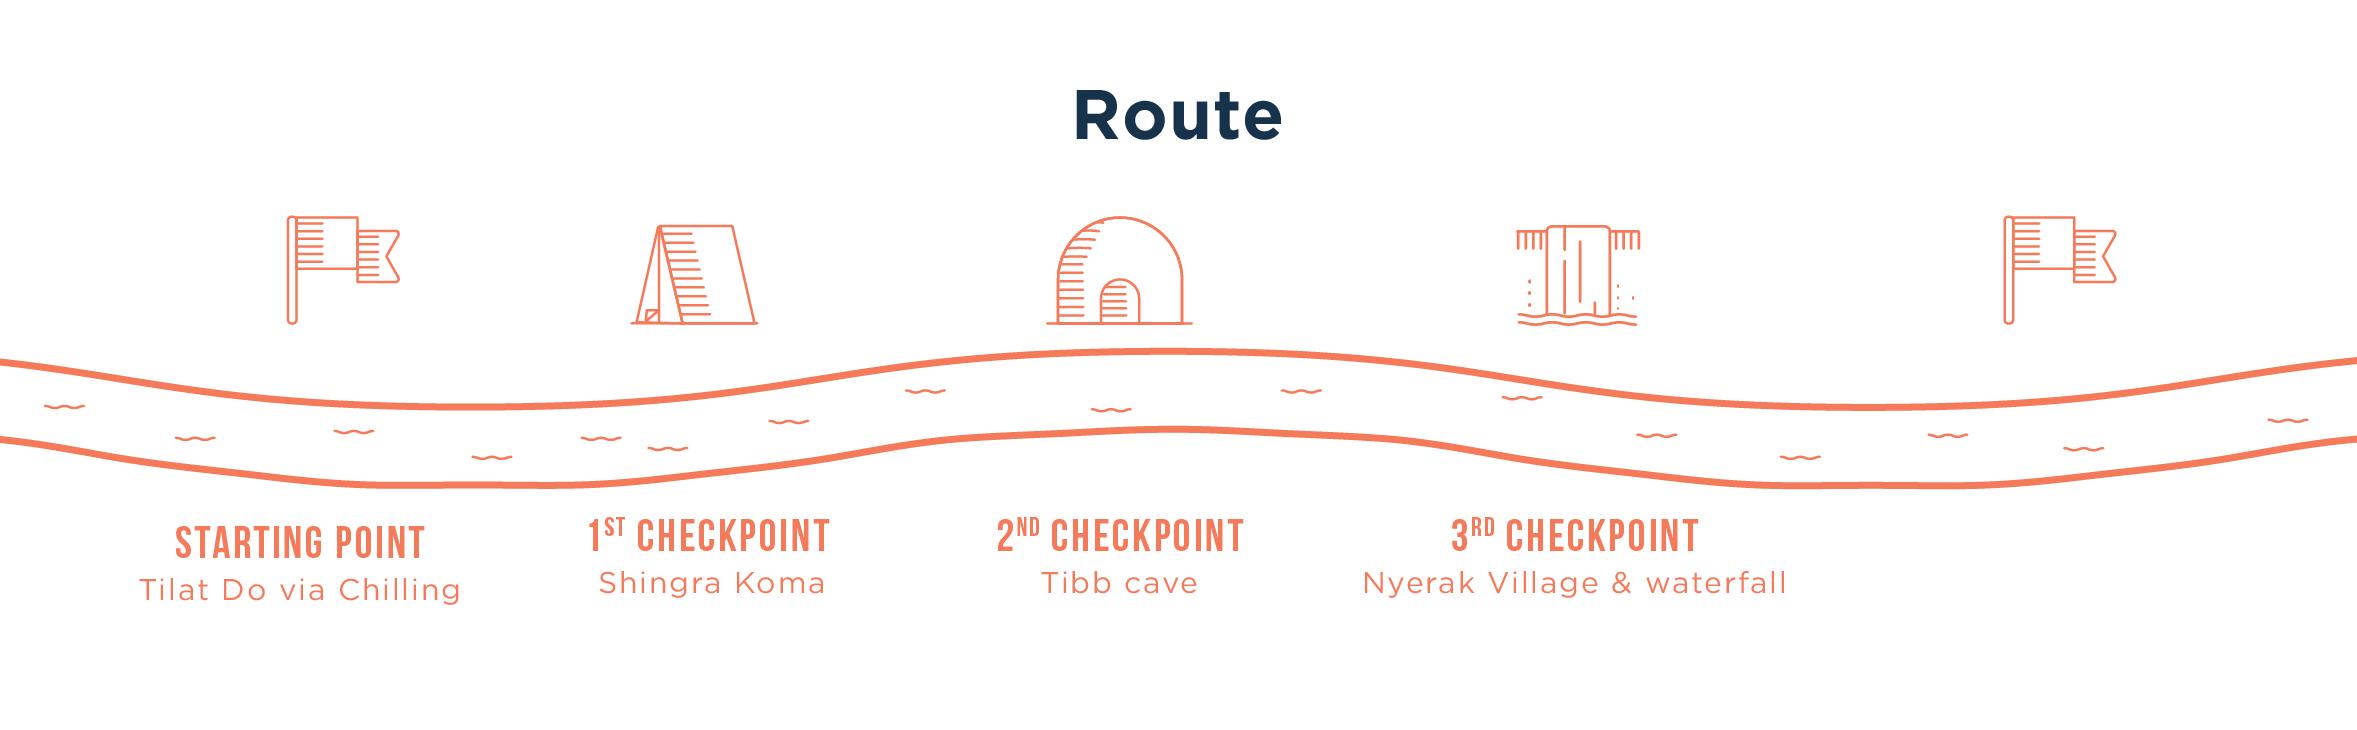 Trek Route for Chadar trek